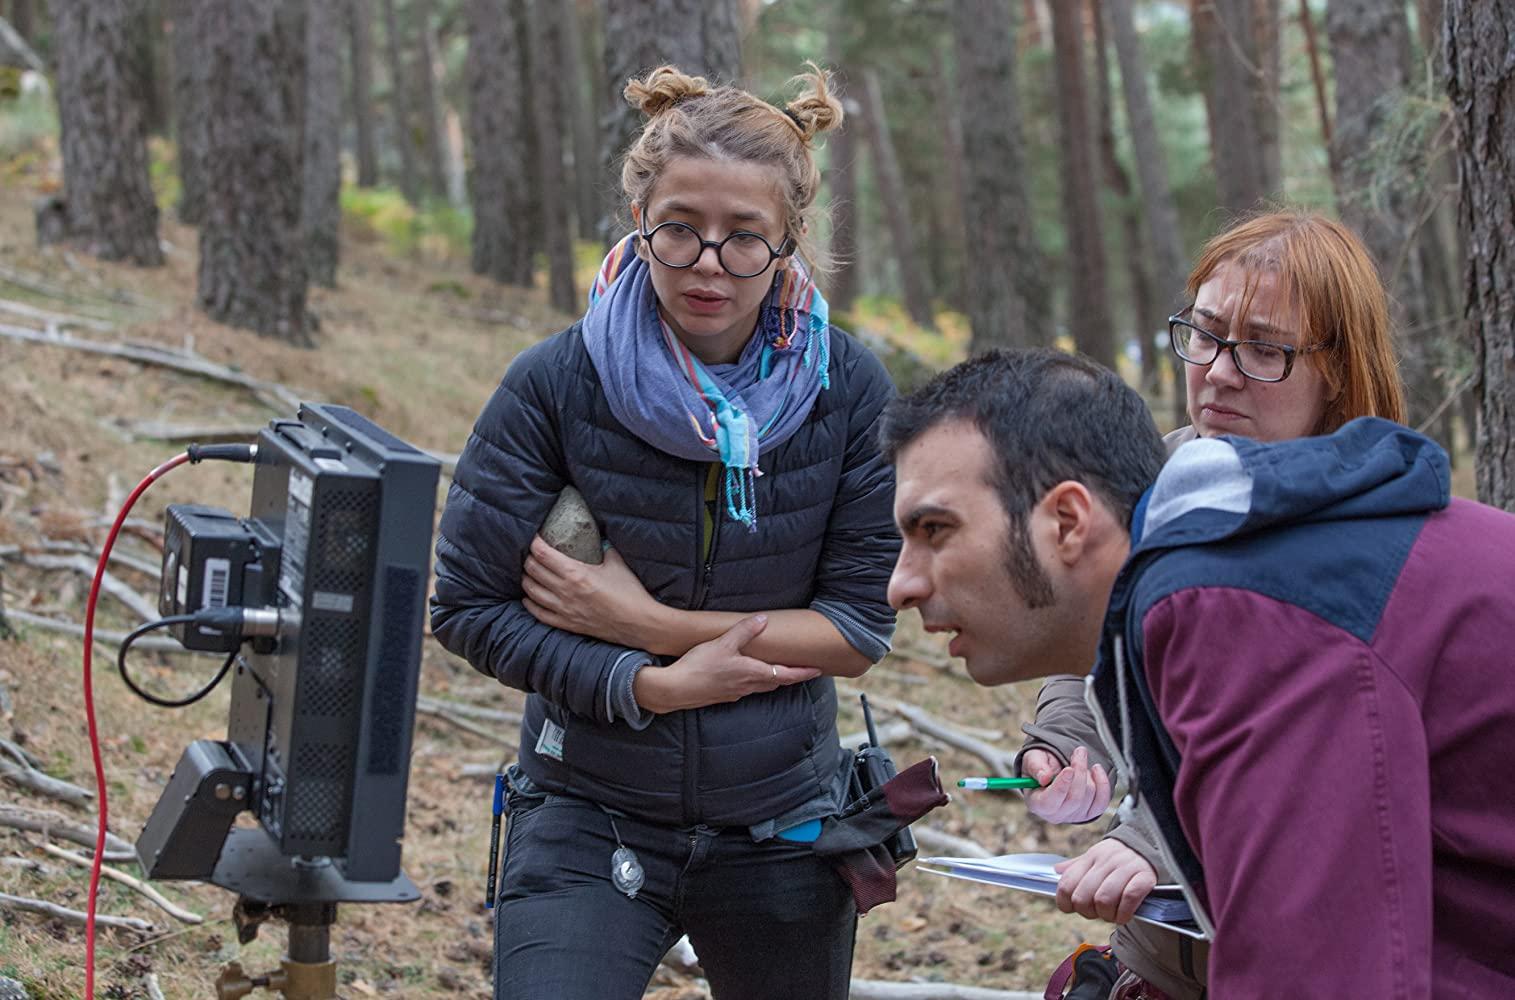 El Festival de Cine Fantástico de Canarias ofrece una selección de cortos en abierto